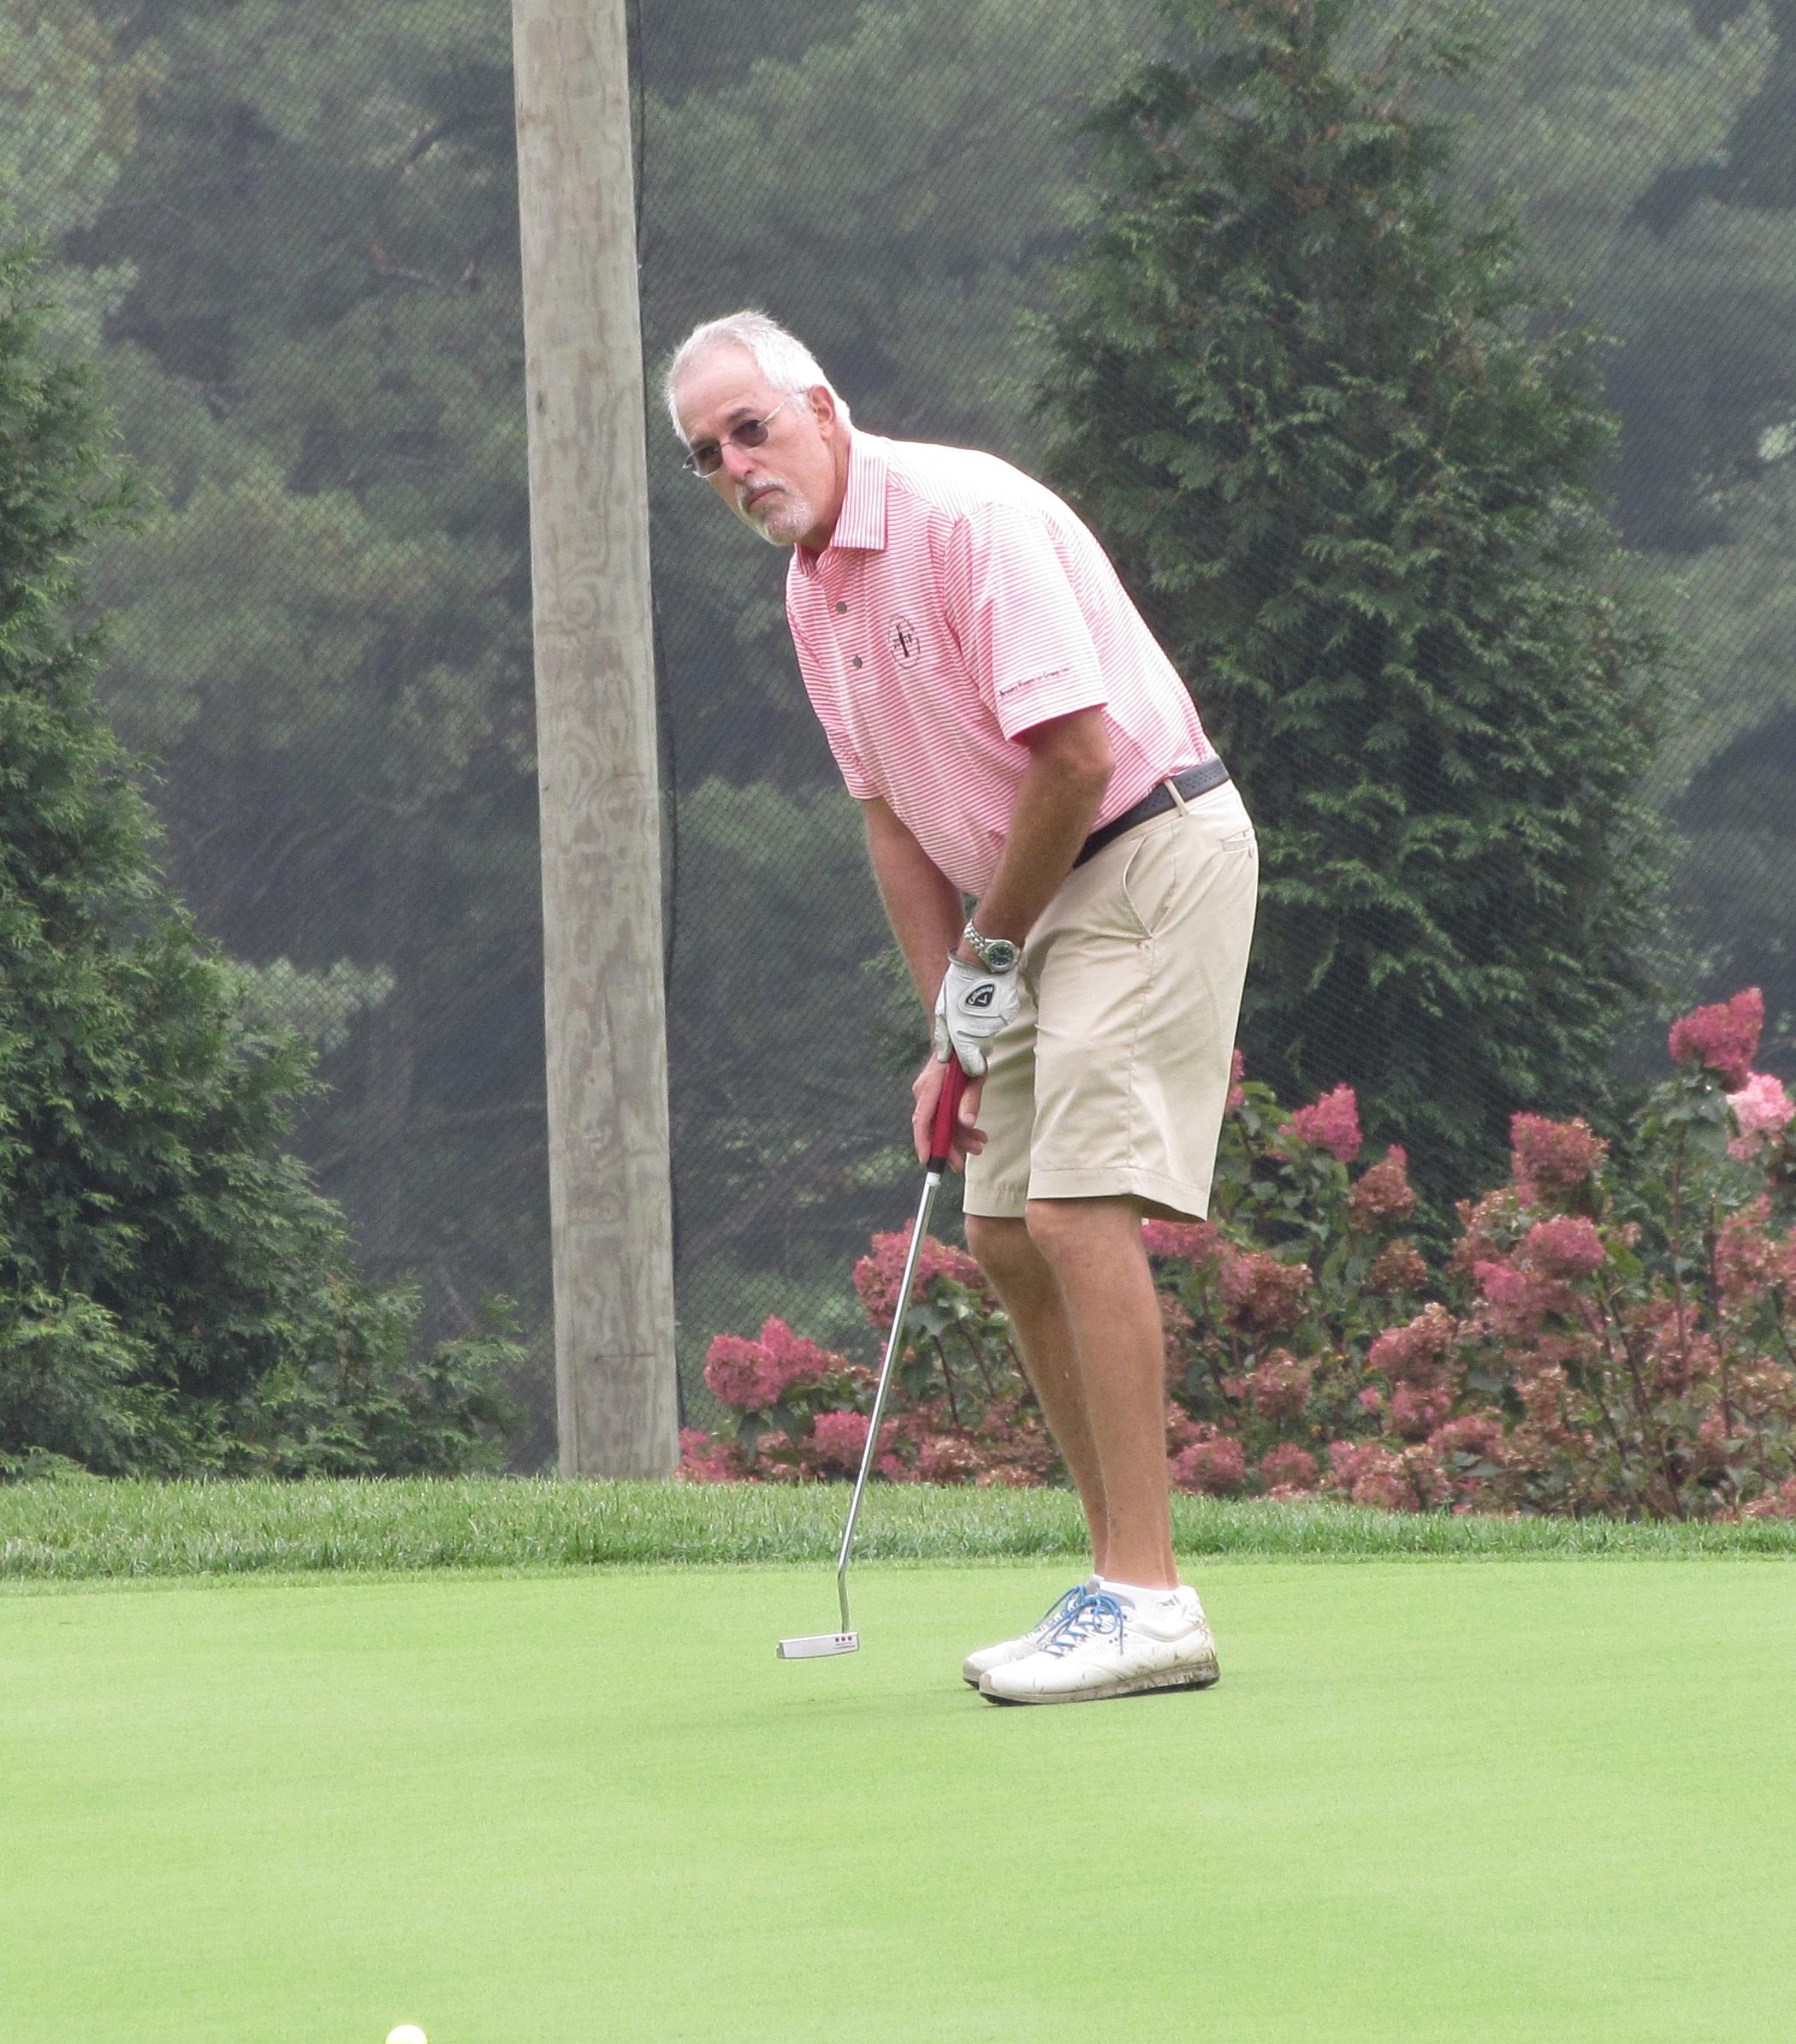 Golfer putt.jpg